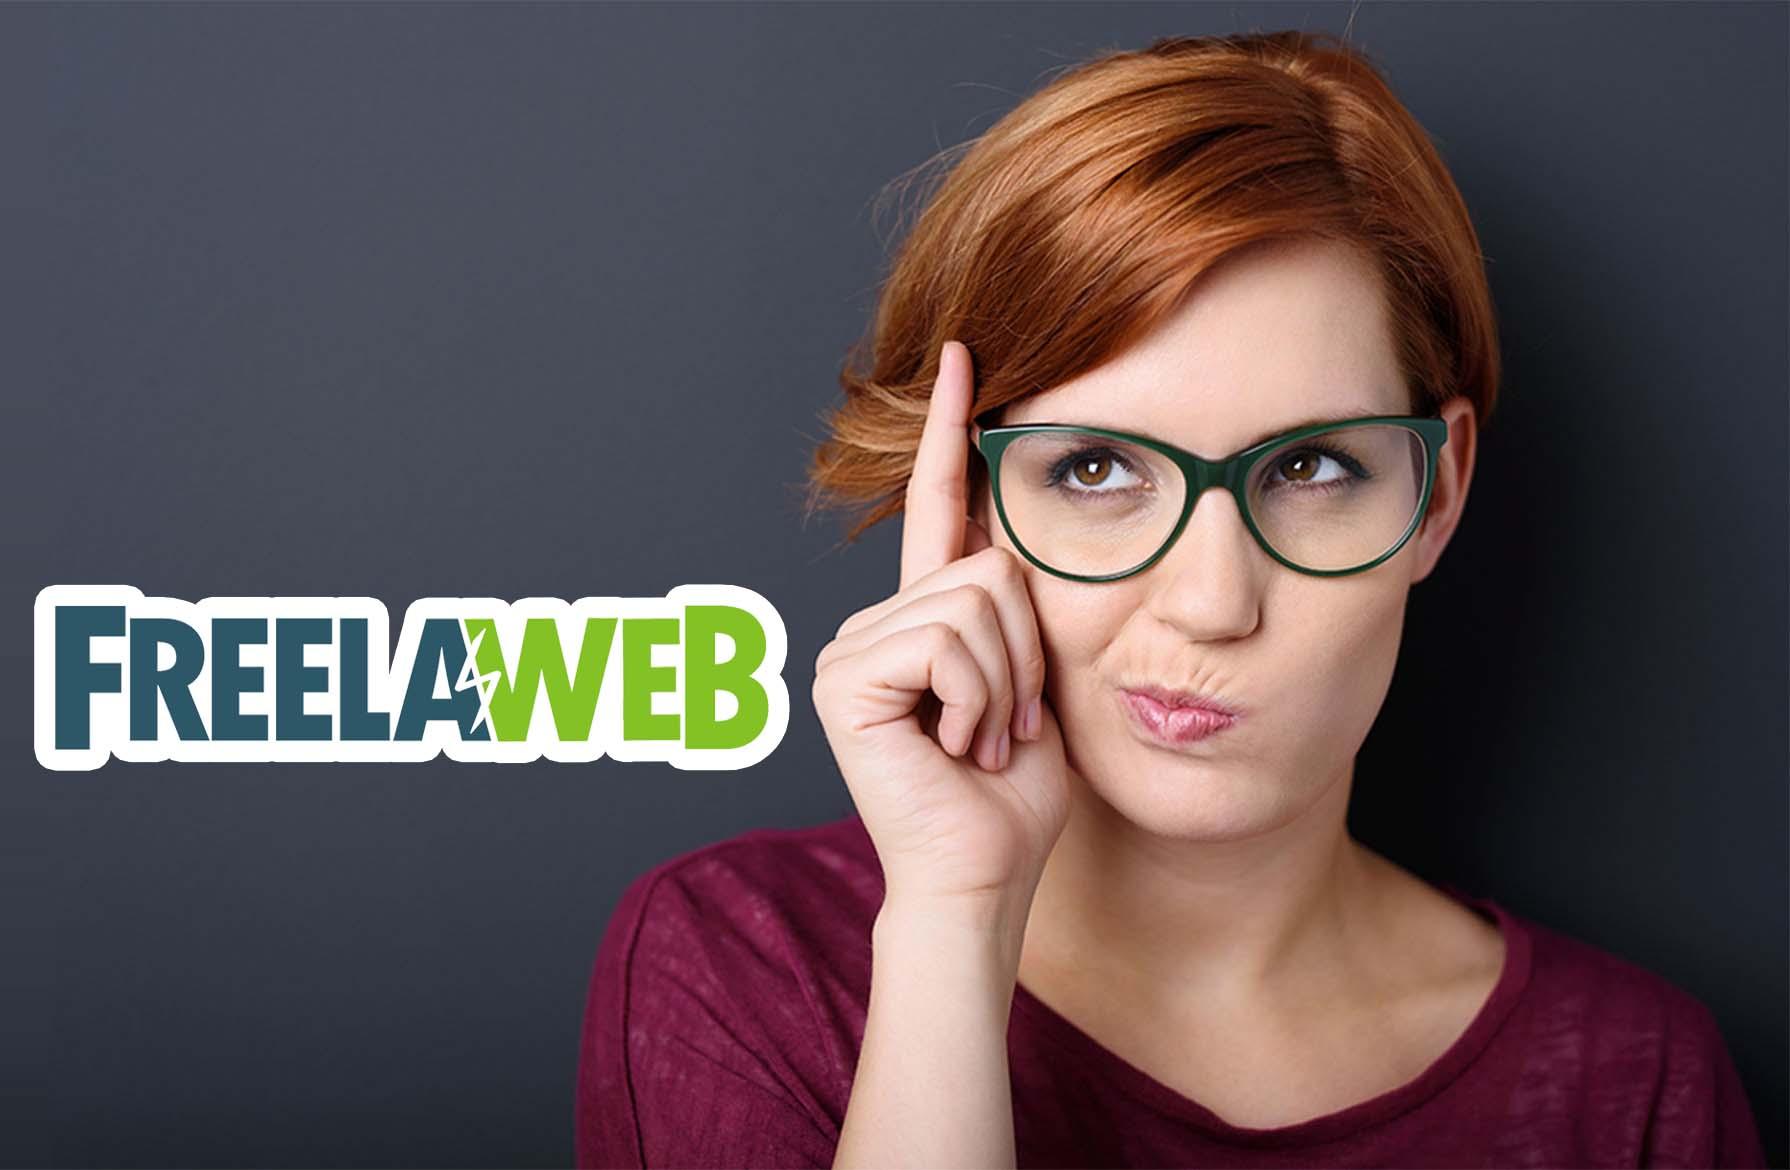 Conheça o Freela Web, site de freelancer e market place de serviços que vem se destacando no meio digital